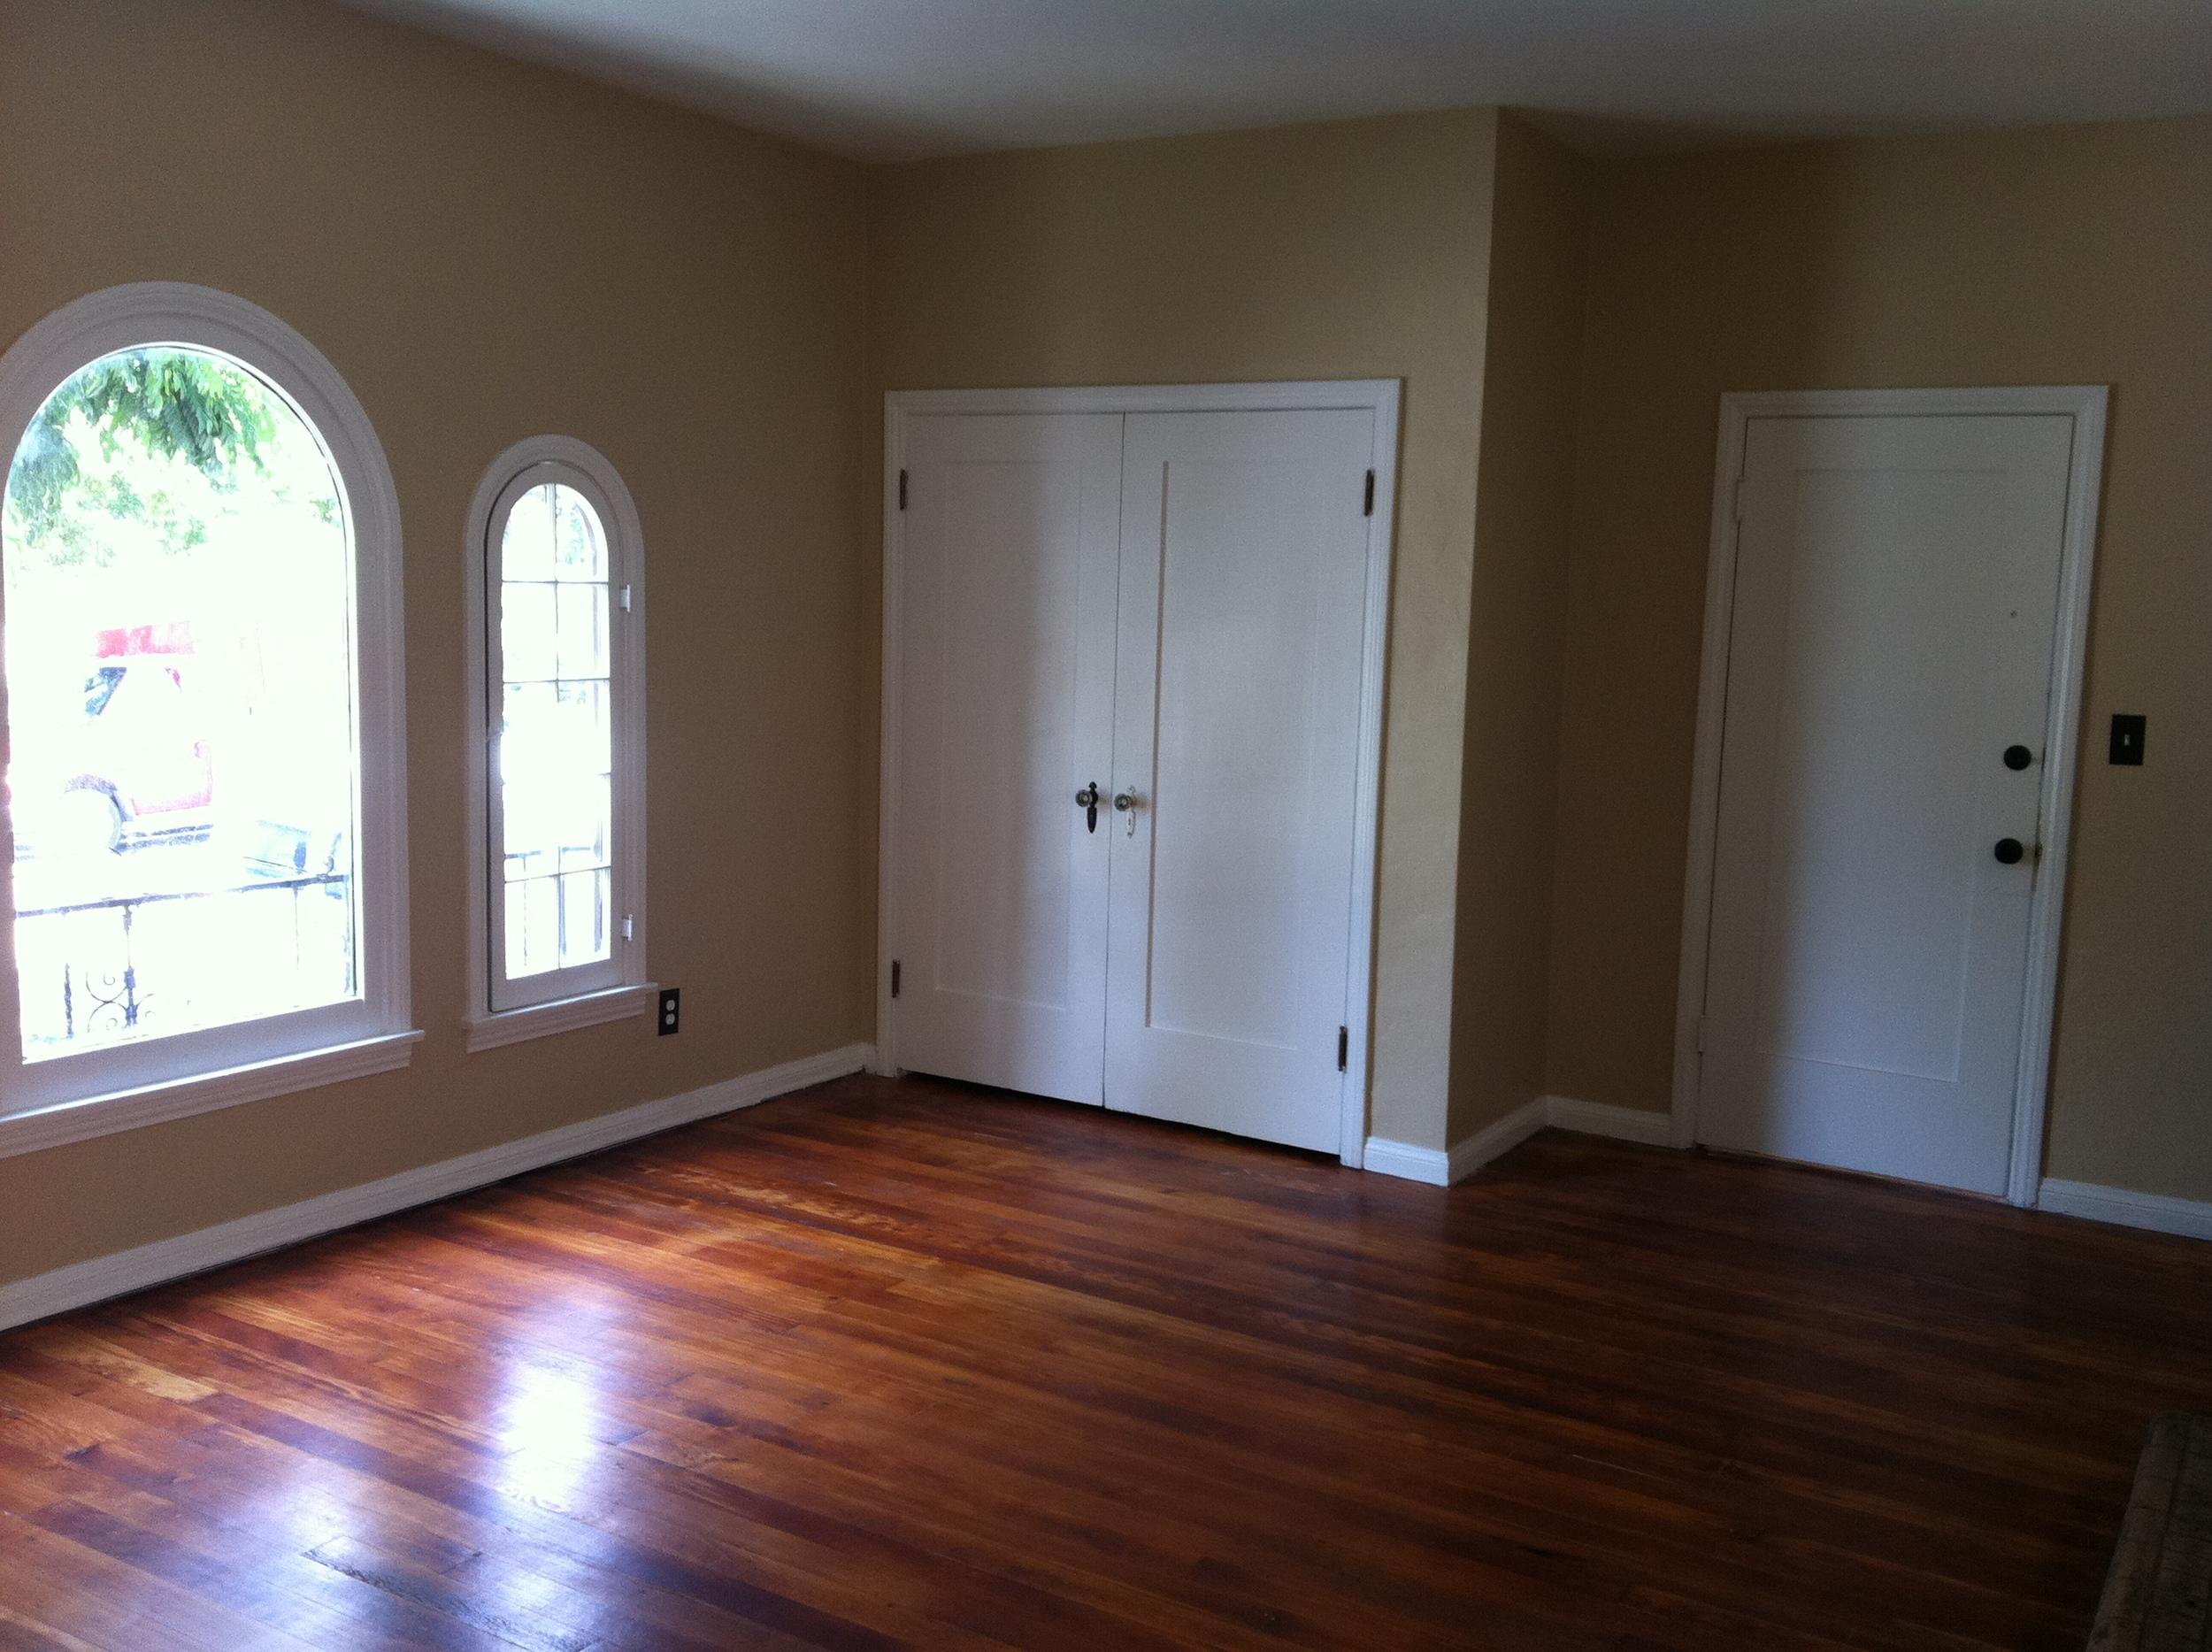 101 living room after 2.jpg